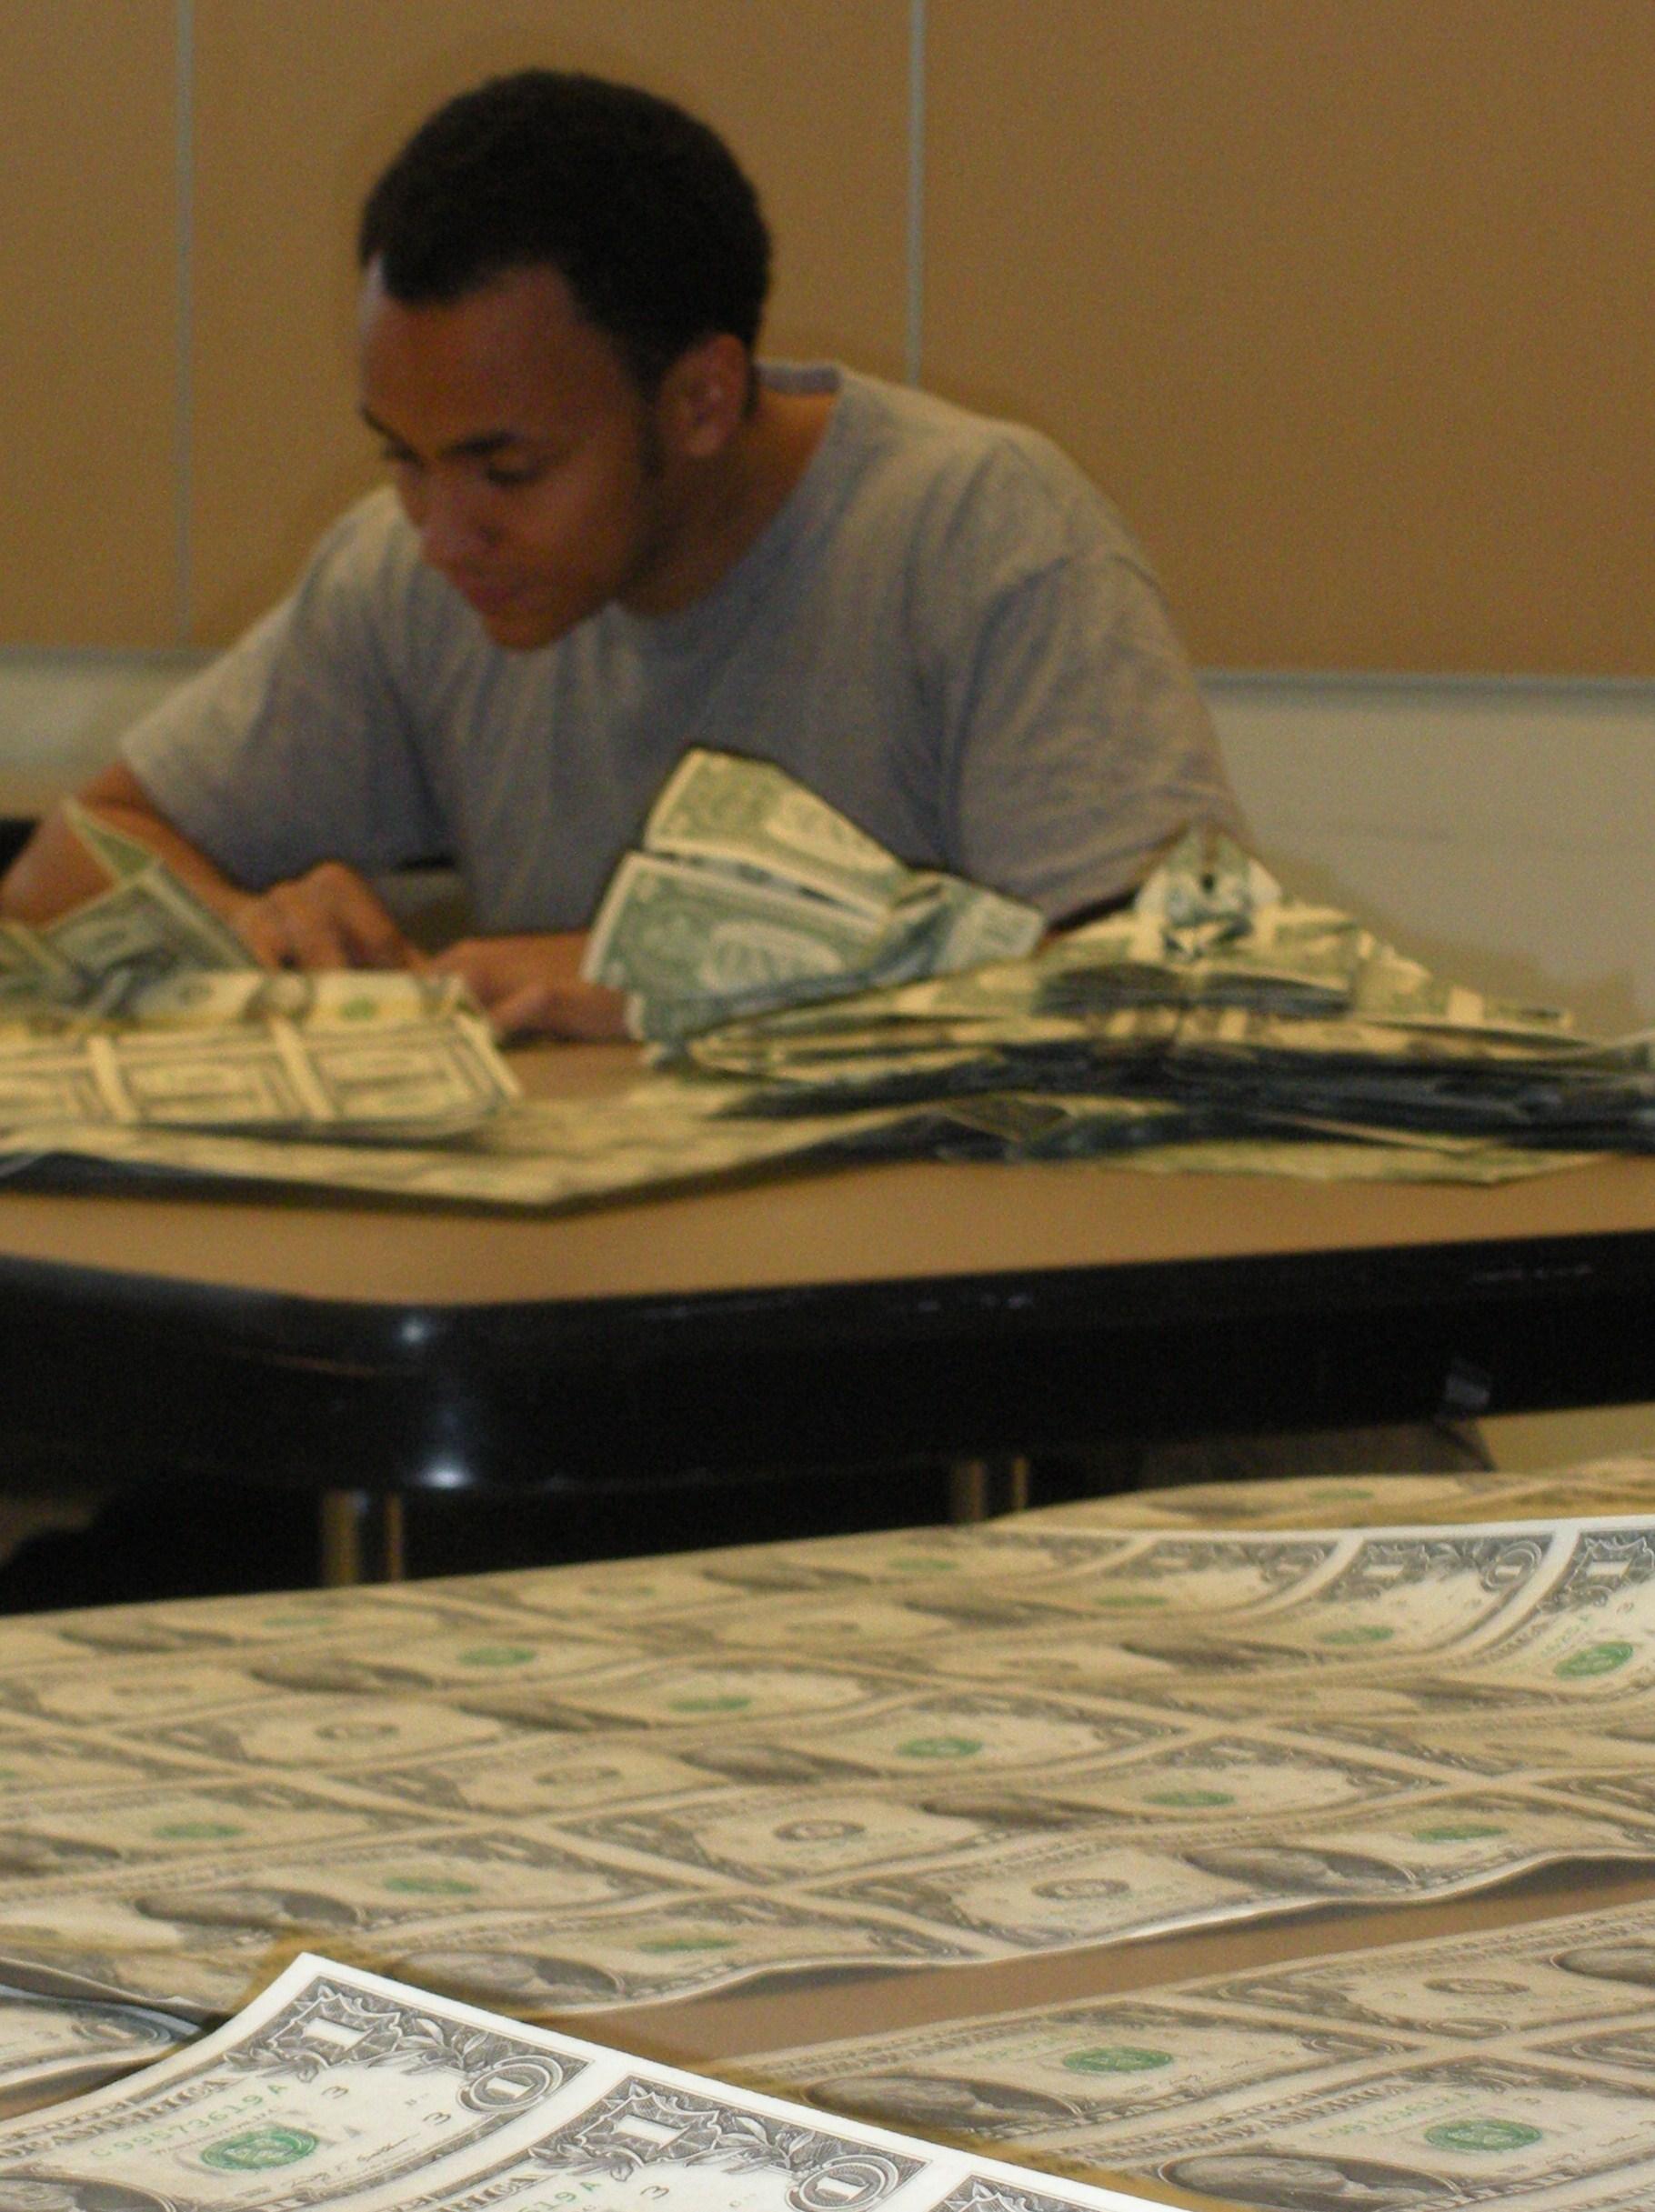 Sipho Mabona folding sheets of US dollar bills at JANM, March 2010